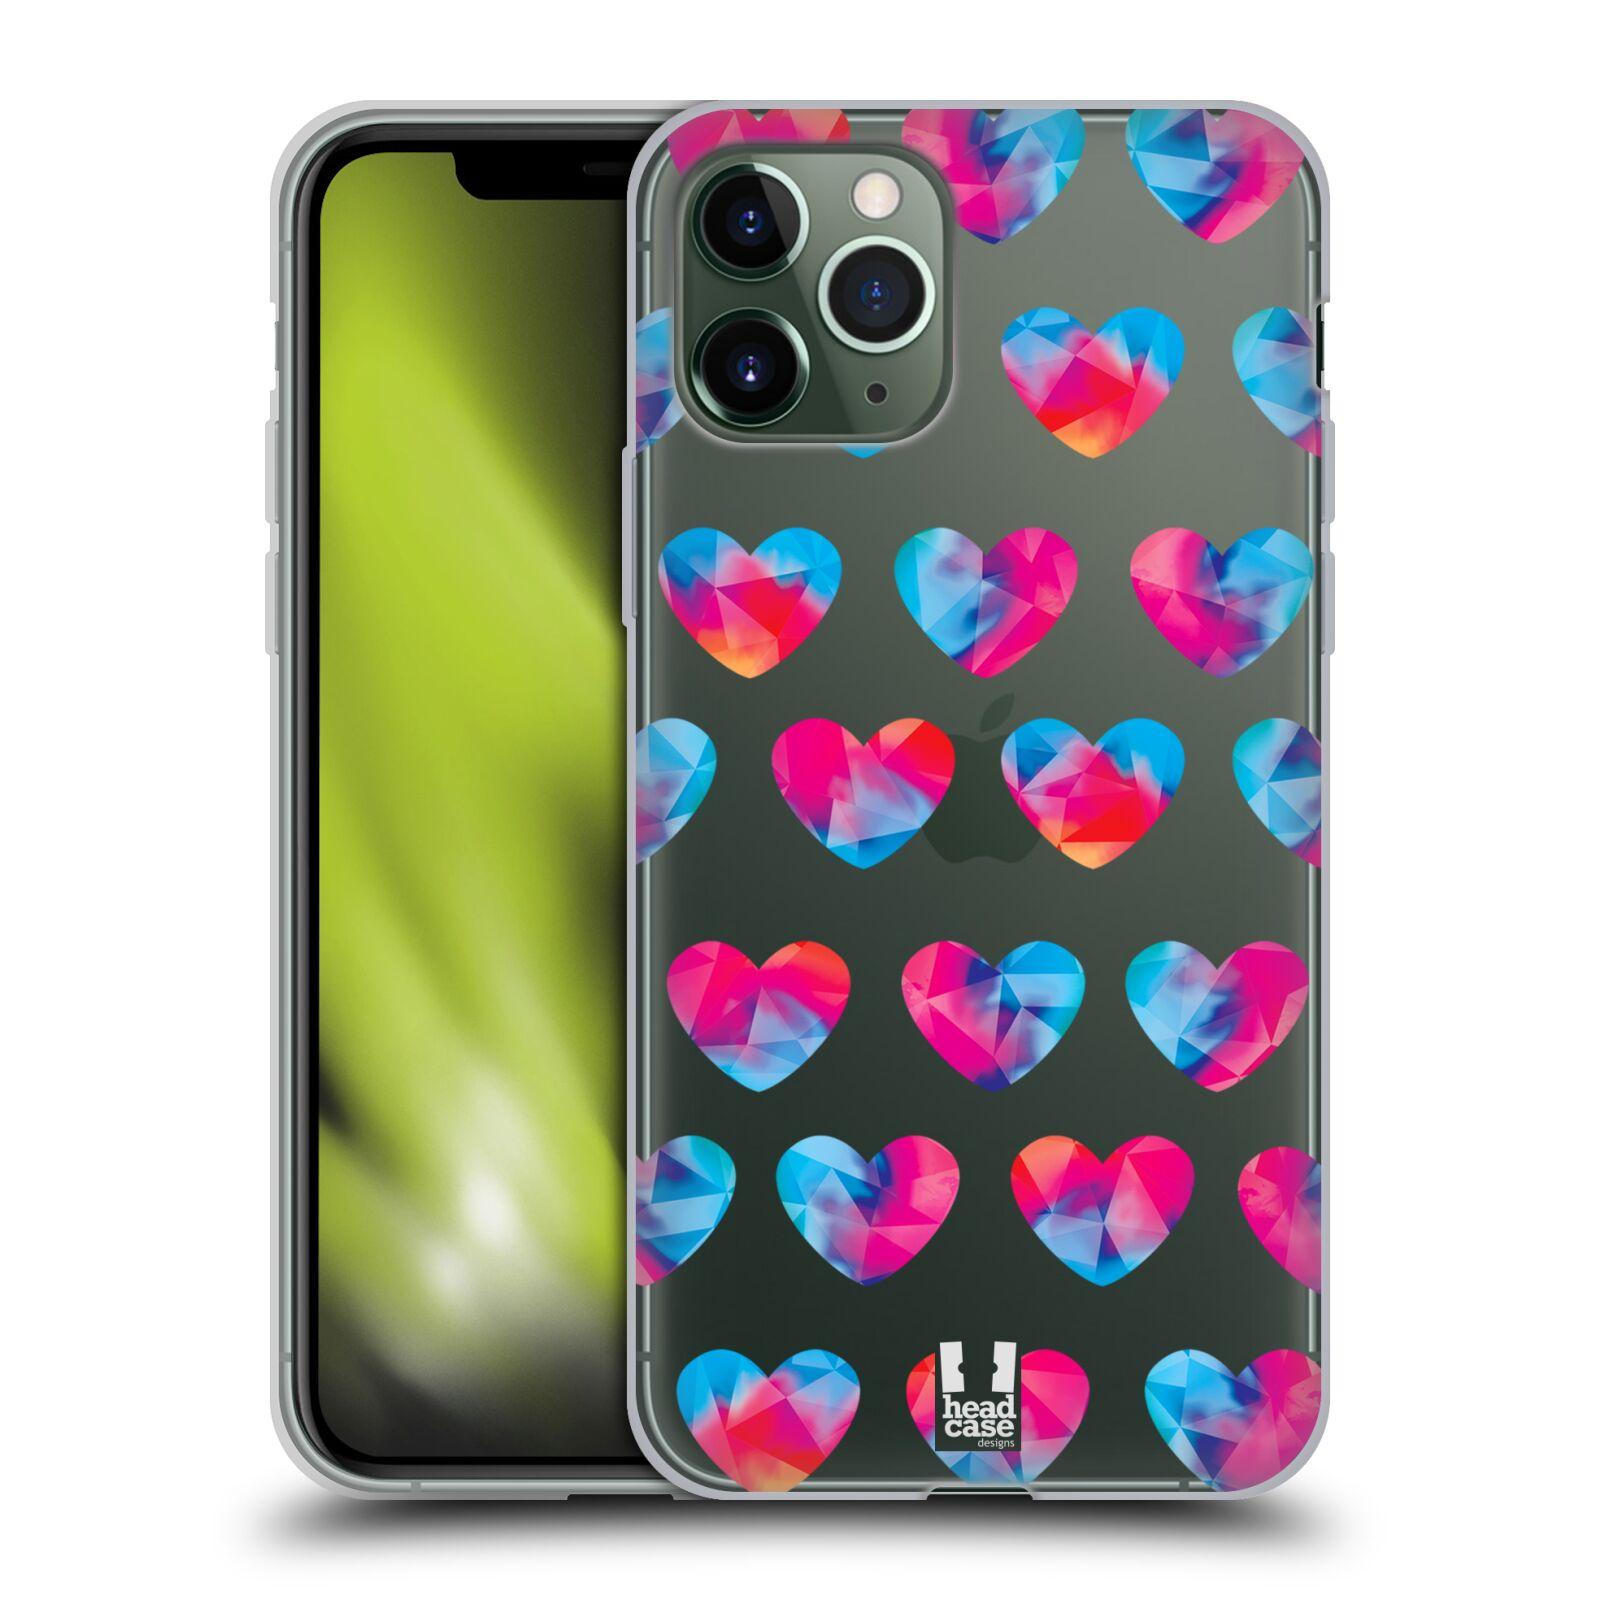 iphone 7 kryt carbon , Silikonové pouzdro na mobil Apple iPhone 11 Pro - Head Case - Srdíčka hrající barvami